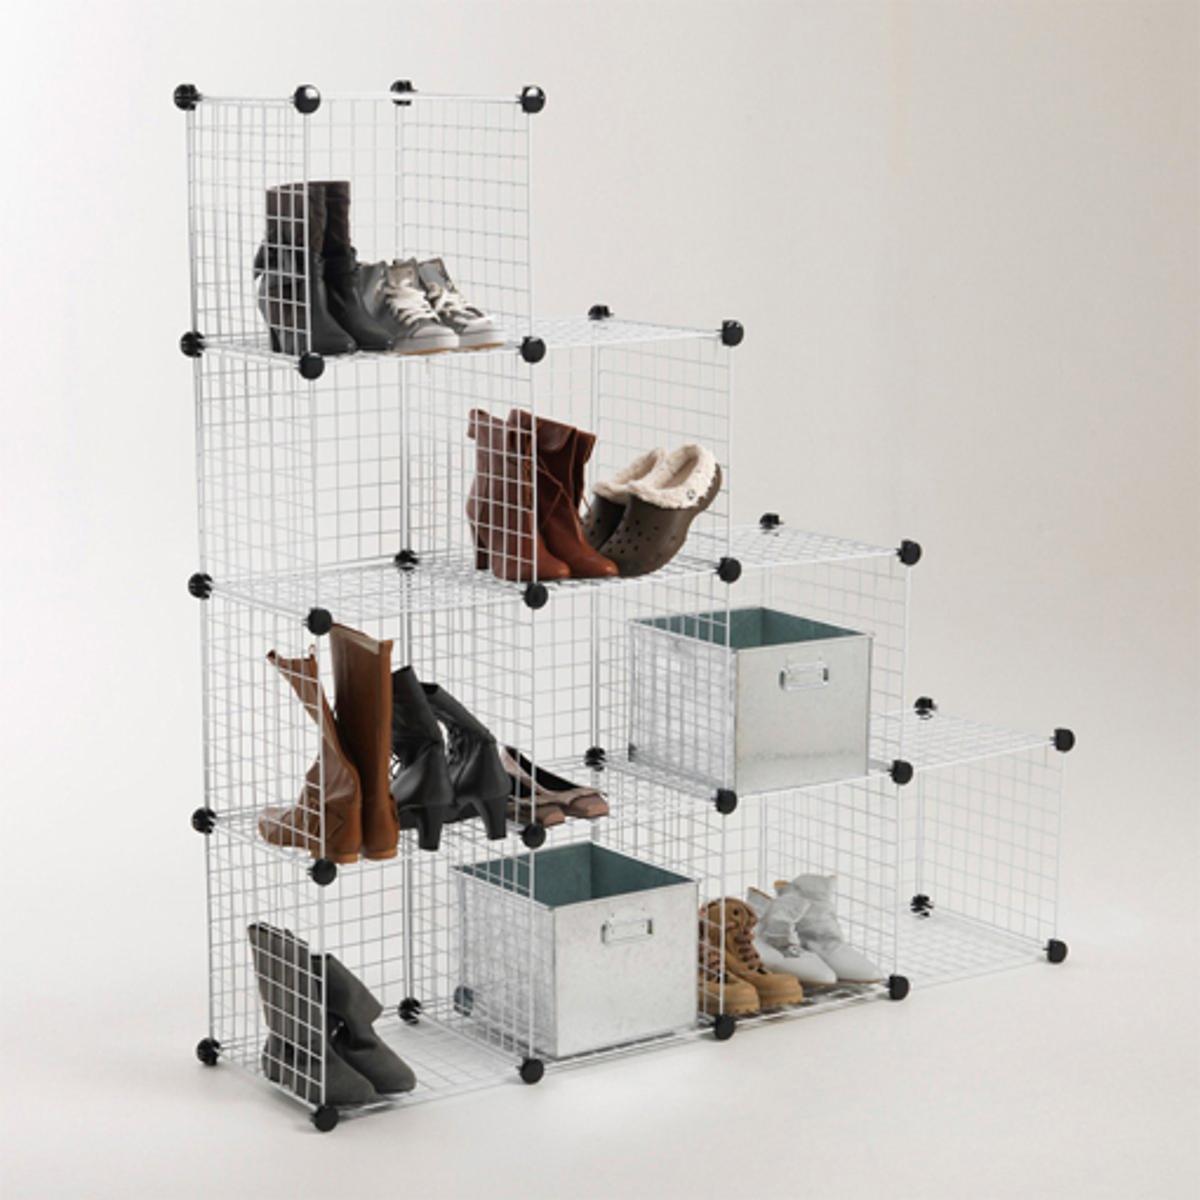 10 ящиков для хранения ModuloСборка без инструментов ! Можно использовать как самостоятельные полки или встраивать в шкаф (оставьте 2 см по бокам, исходя из размера креплений). ХАРАКТЕРИСТИКИ кубов MODULO :- Металл покрытый плёнкой ПВХ- Продаются в наборе из 10 шт..Размеры :- Размер. 1 куба : 35,5 см каждая грань.<br><br>Цвет: белый,серый<br>Размер: единый размер